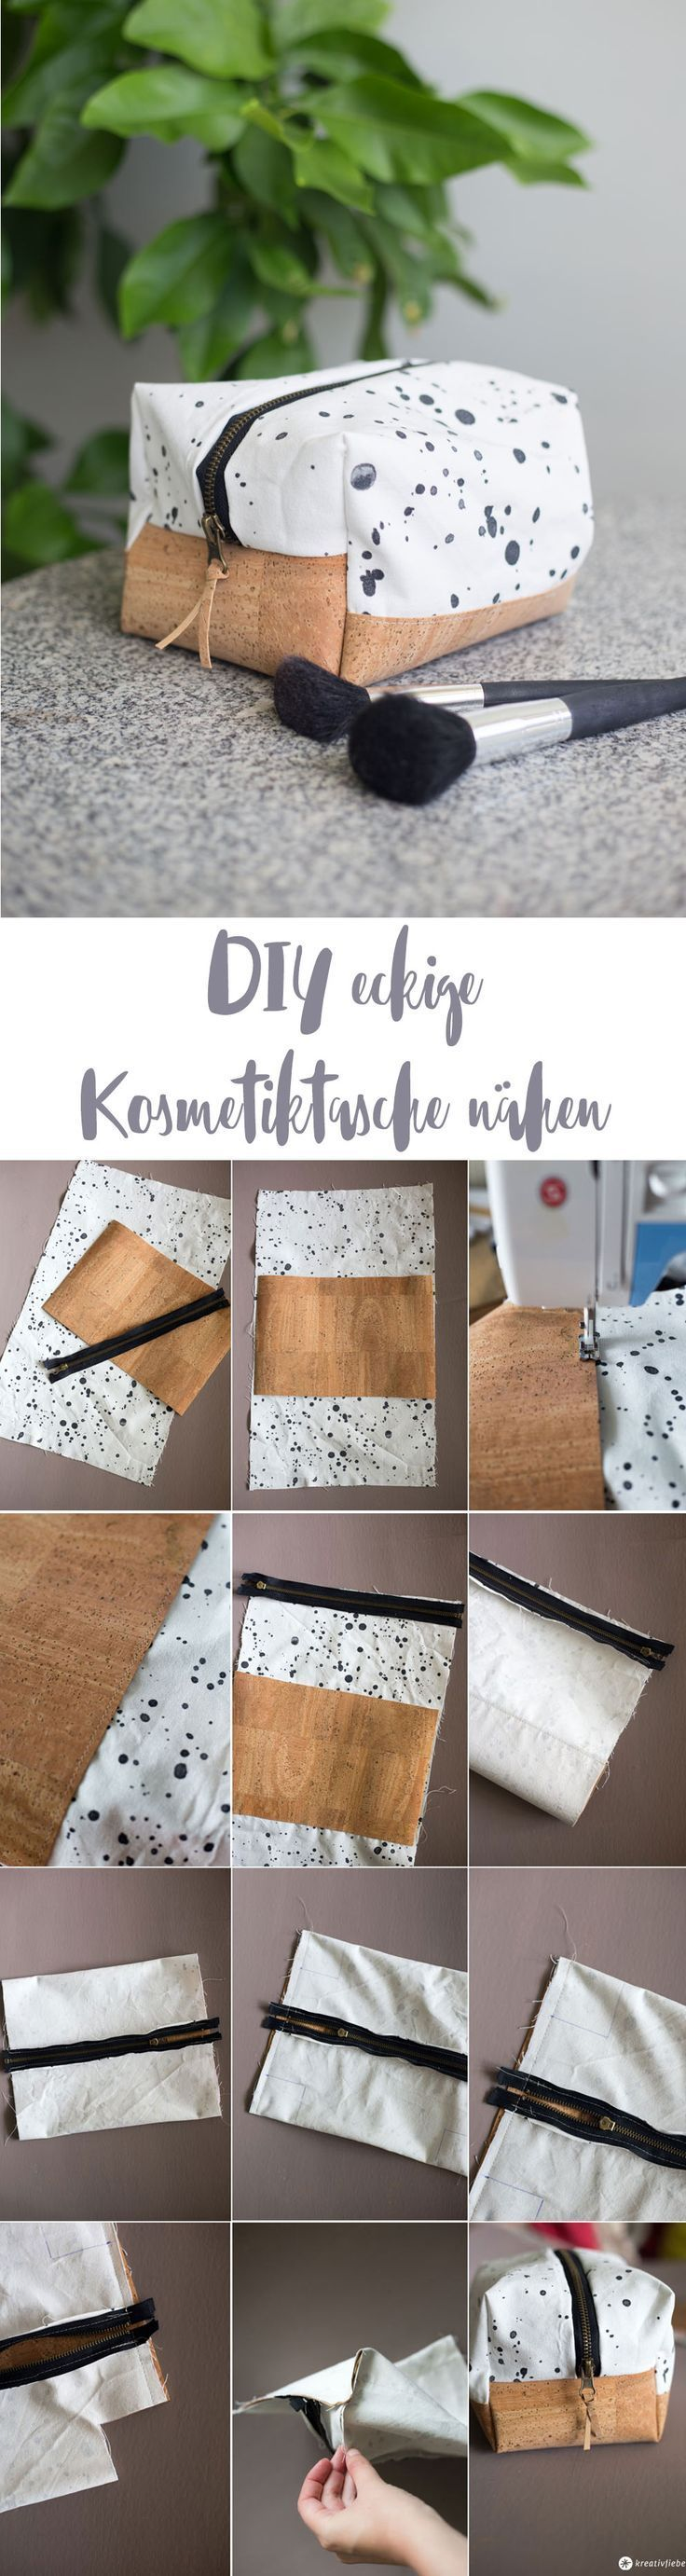 DIY eckige Kosmetiktasche selbernähen Schritt für Schritt Nähanleitung mit Korkboden in beliebiger Grö